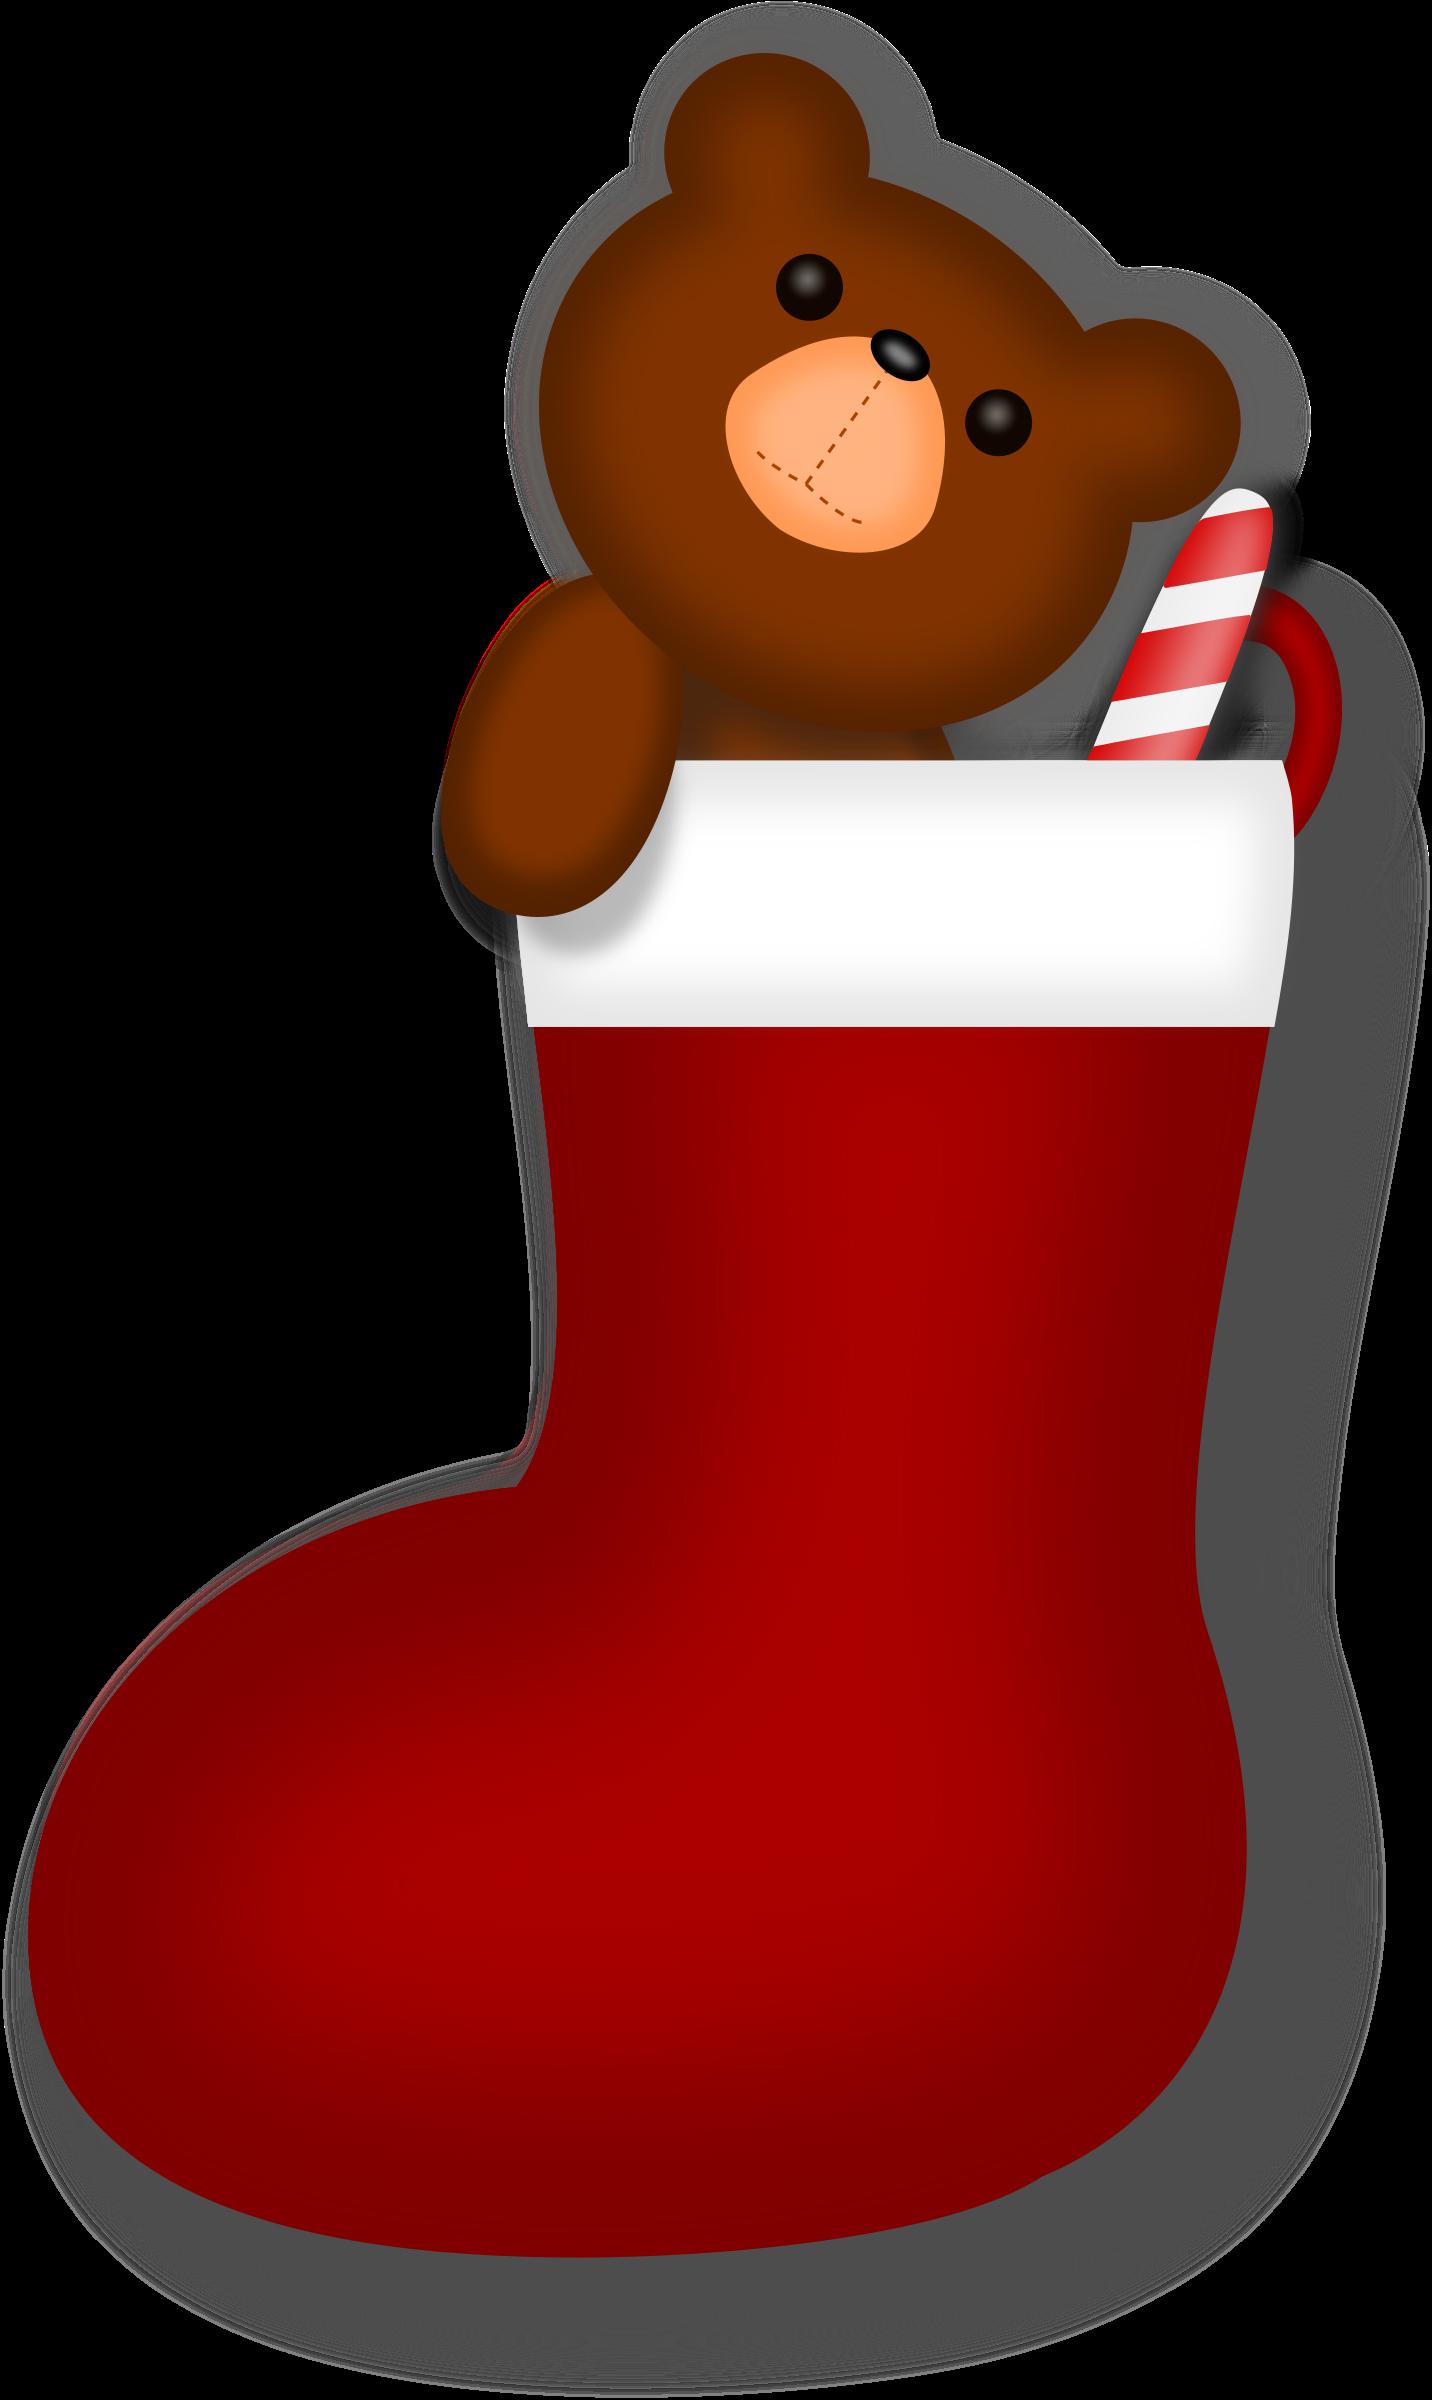 Clipart - Teddy Bear Stocking